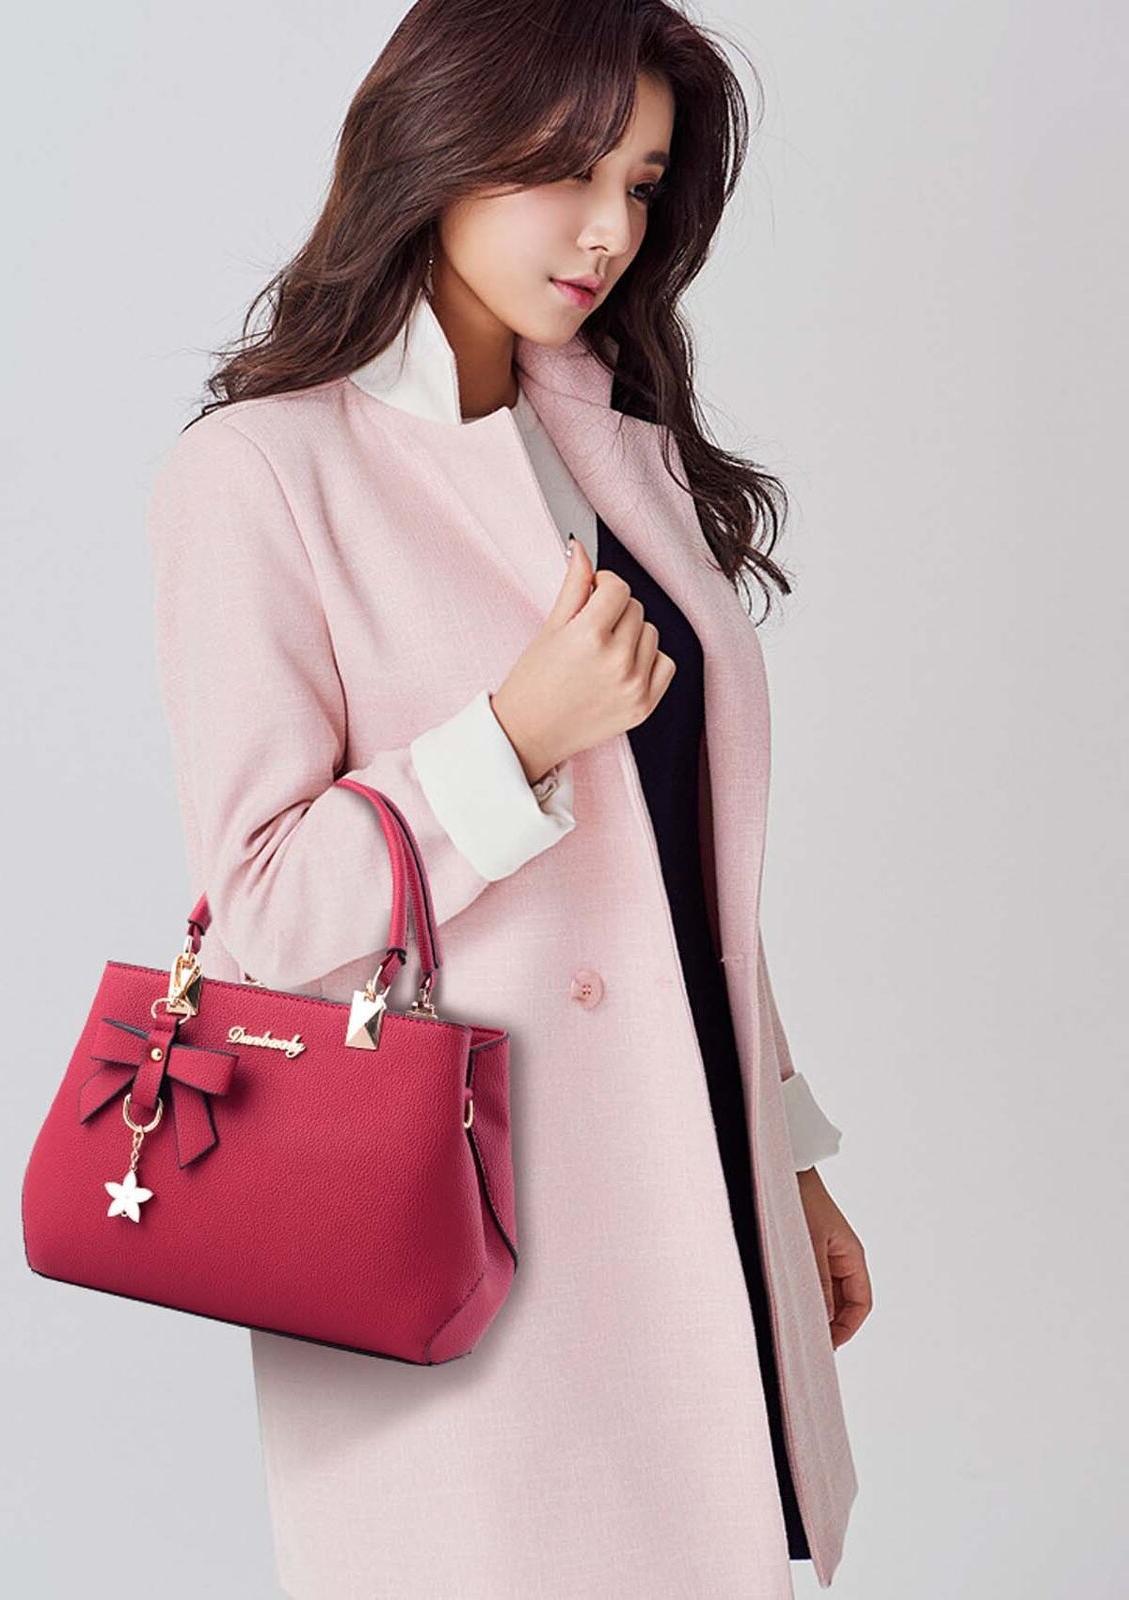 Women Handbags Messenger Crossbody Bags Purse